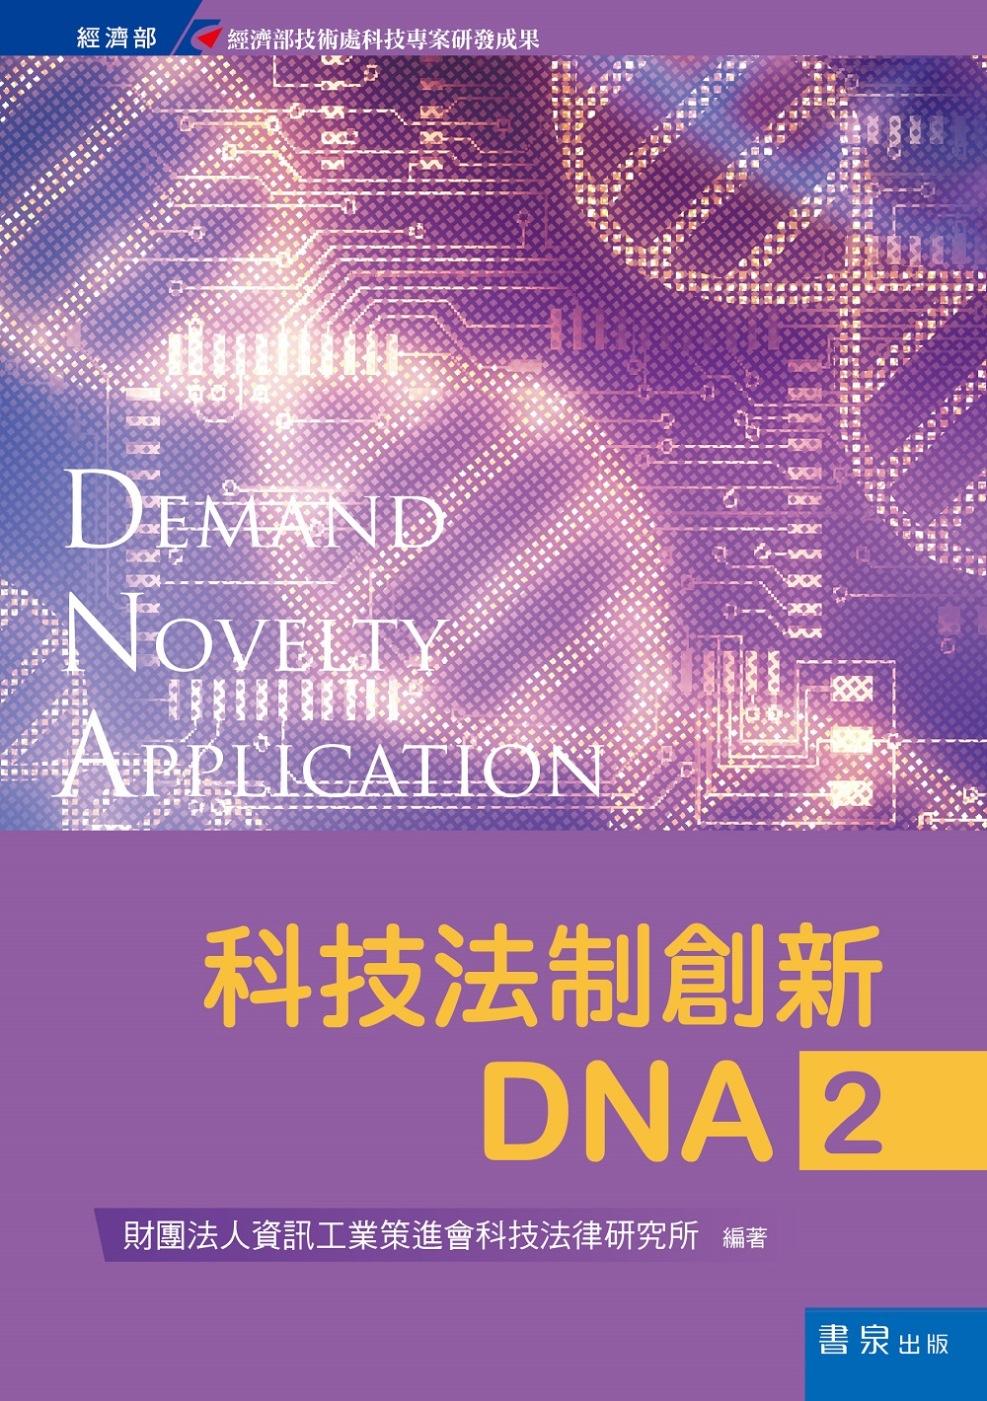 科技法制創新DNA2